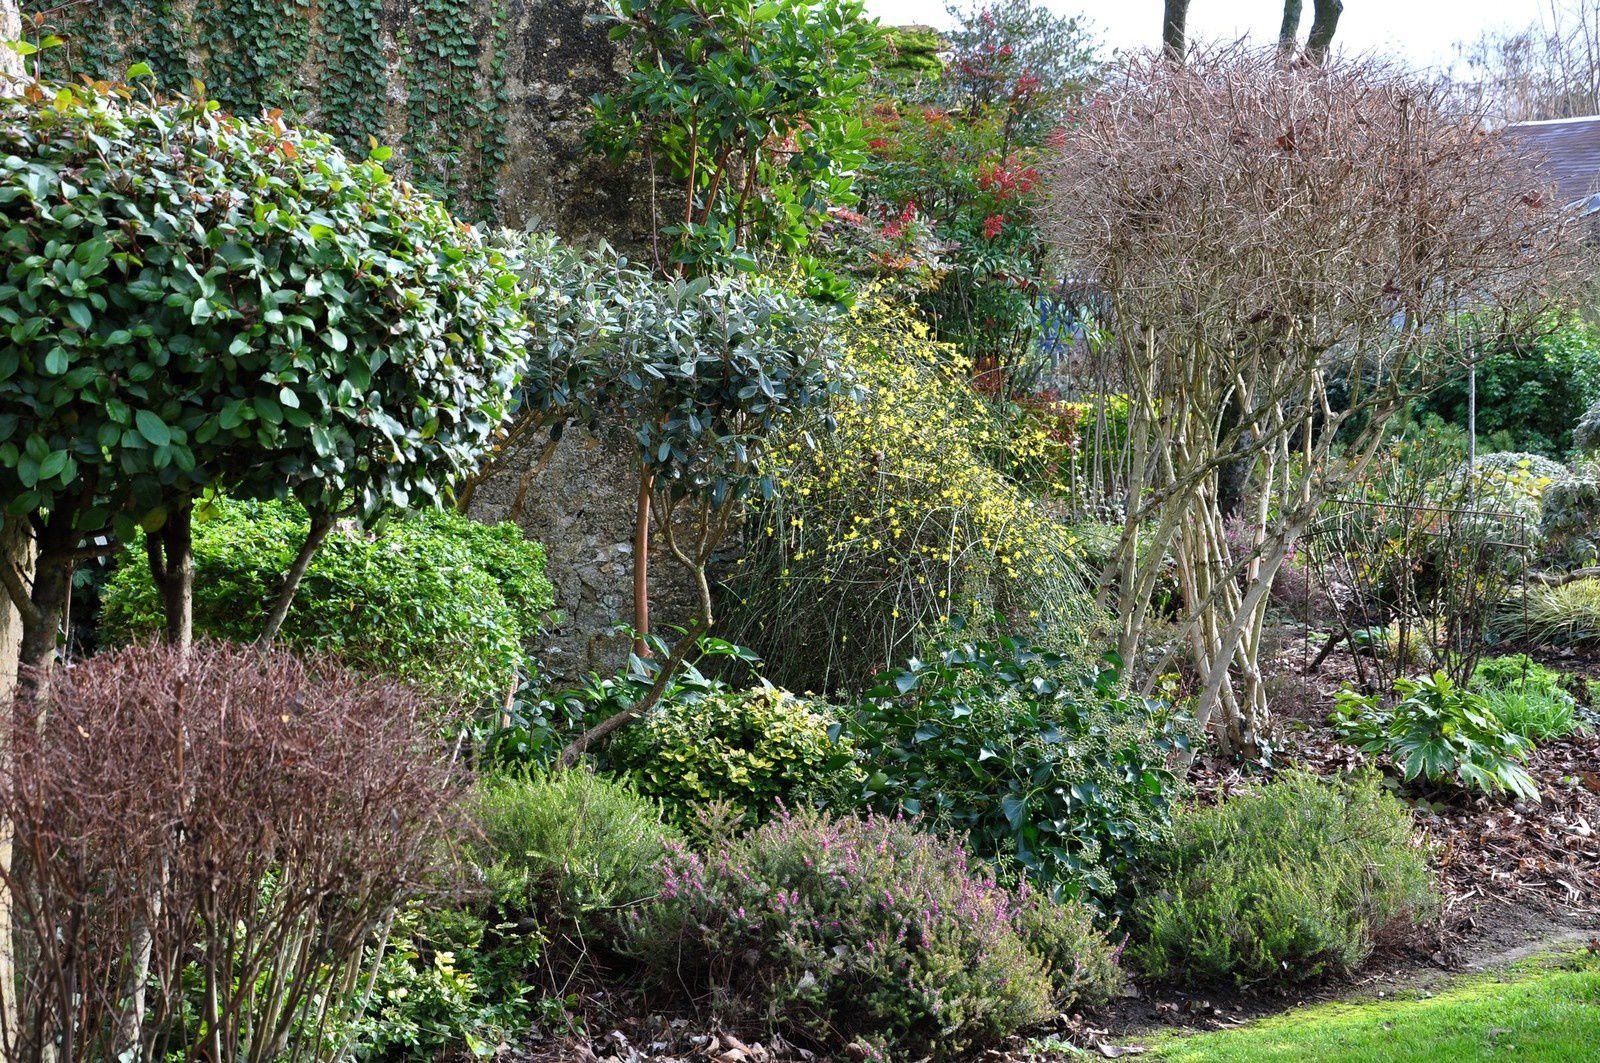 Jardin d'hiver, jardin des verts